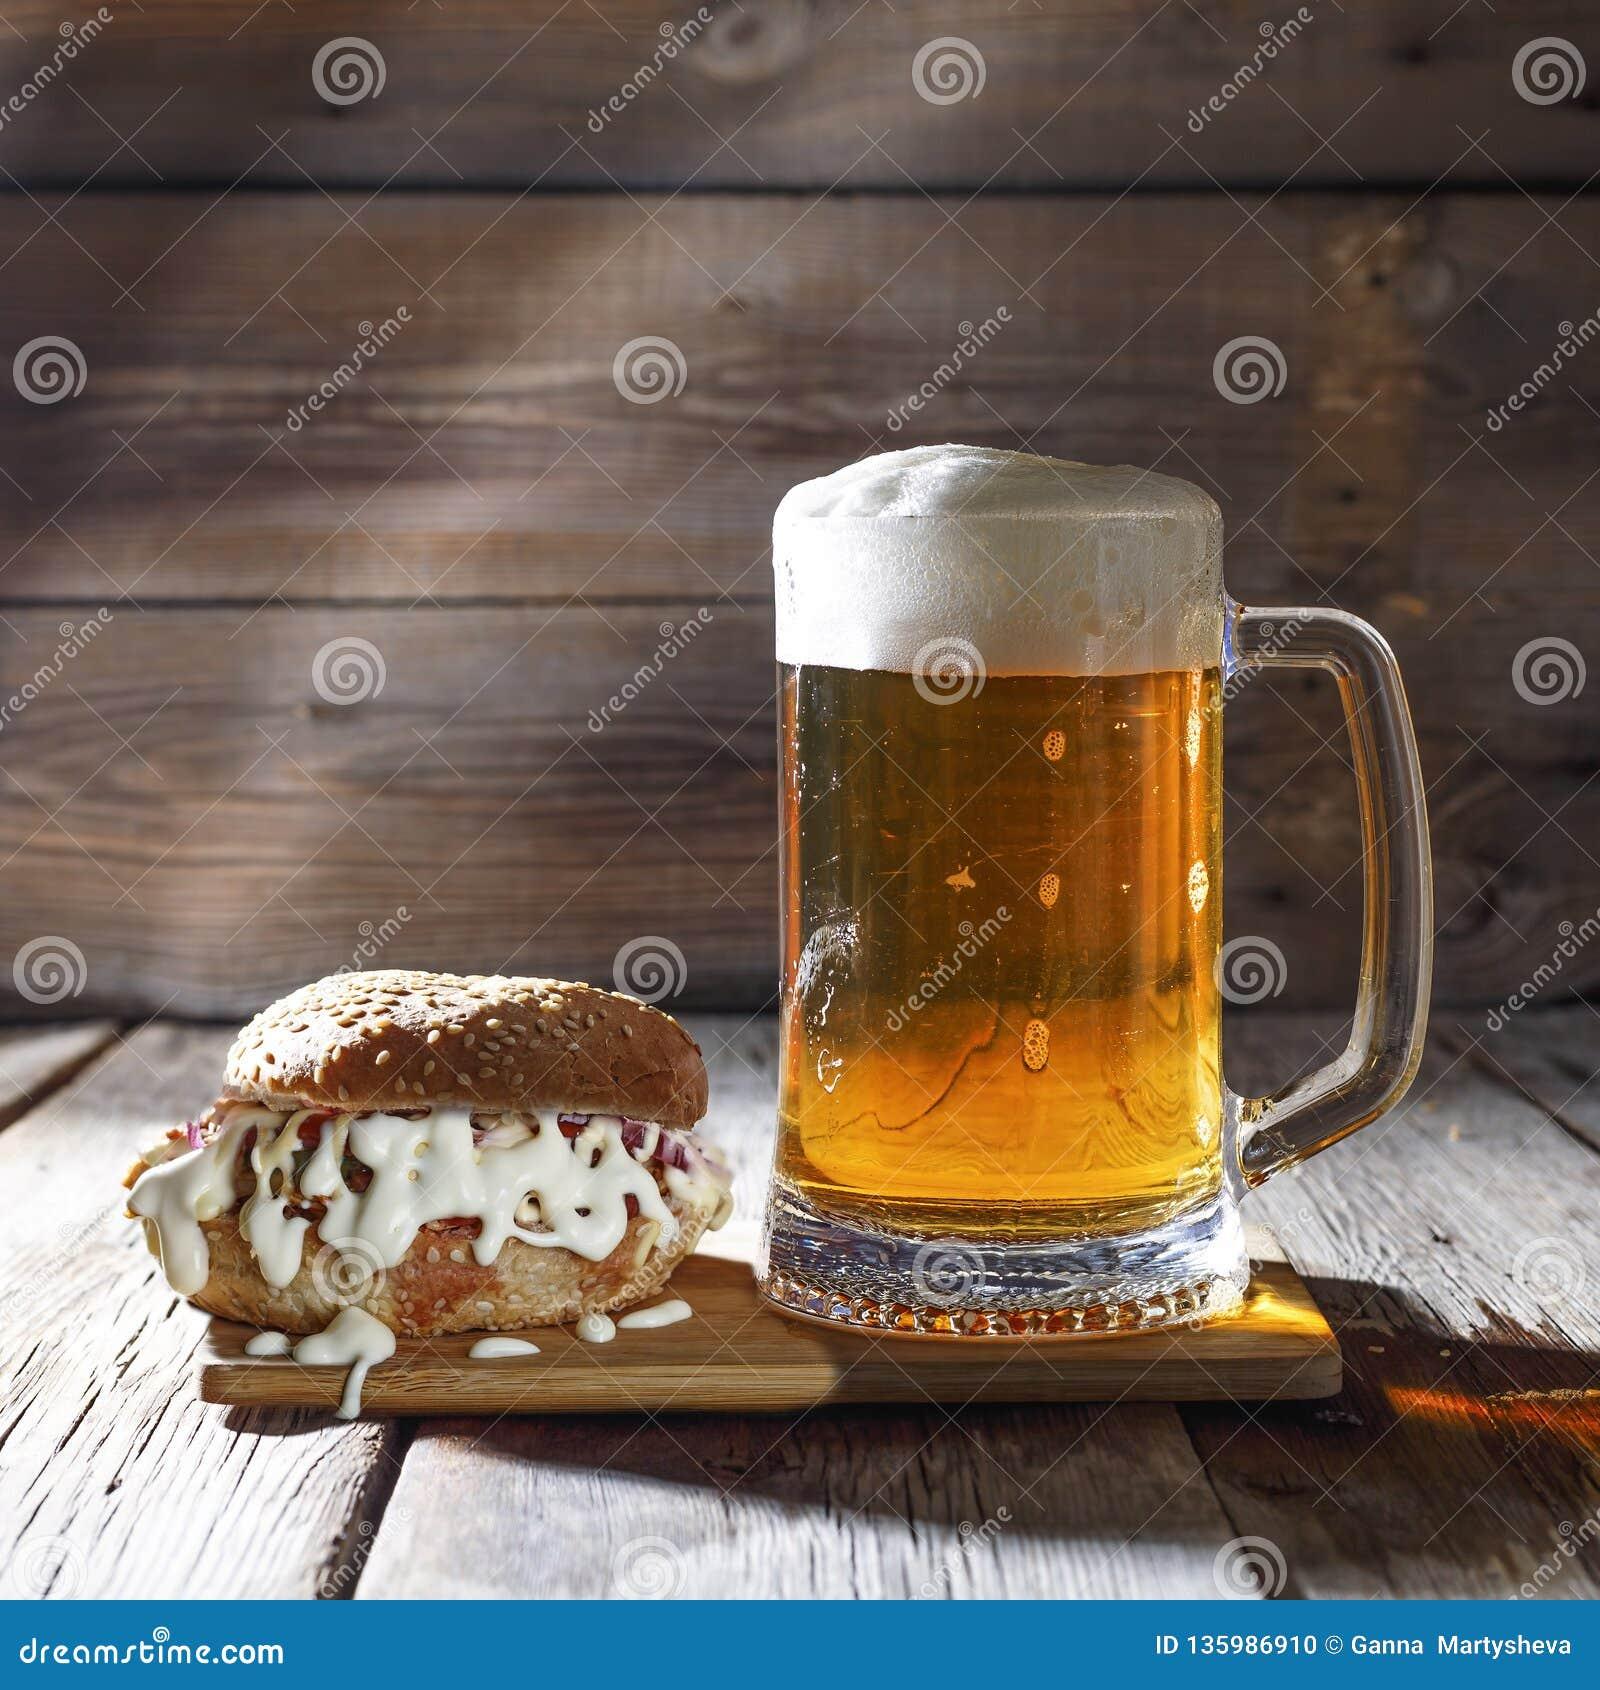 Mug Of Beer Tasty Burger Food Gourmet Meal Beer Meat Cheese Stock Photo Image Of Beer Food 135986910